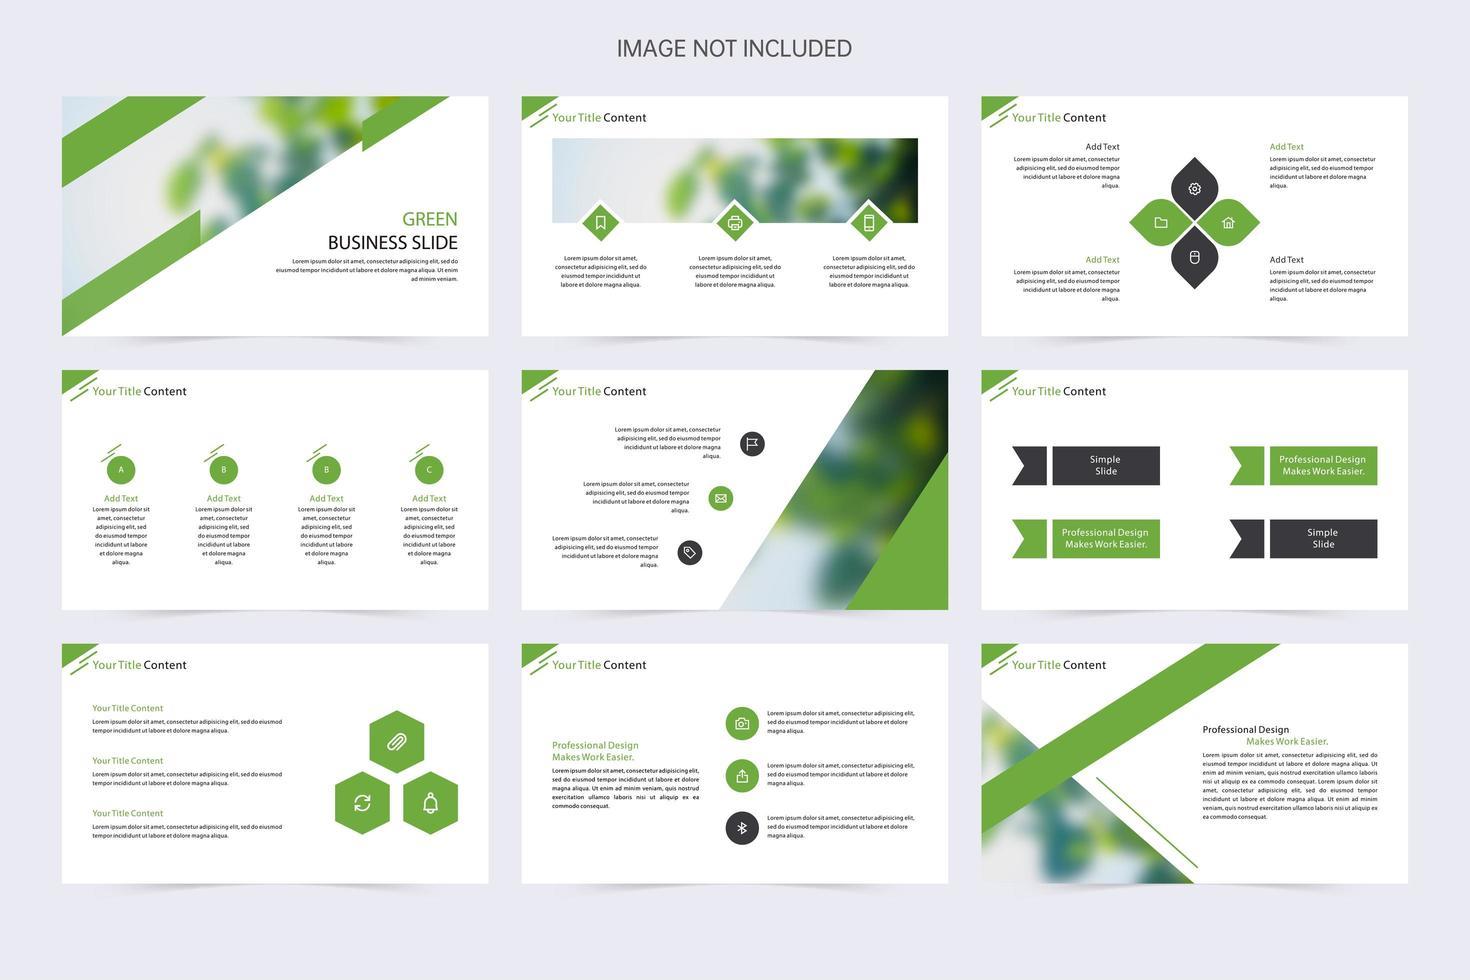 elementos de apresentação de slides criativos em verde, branco e preto vetor